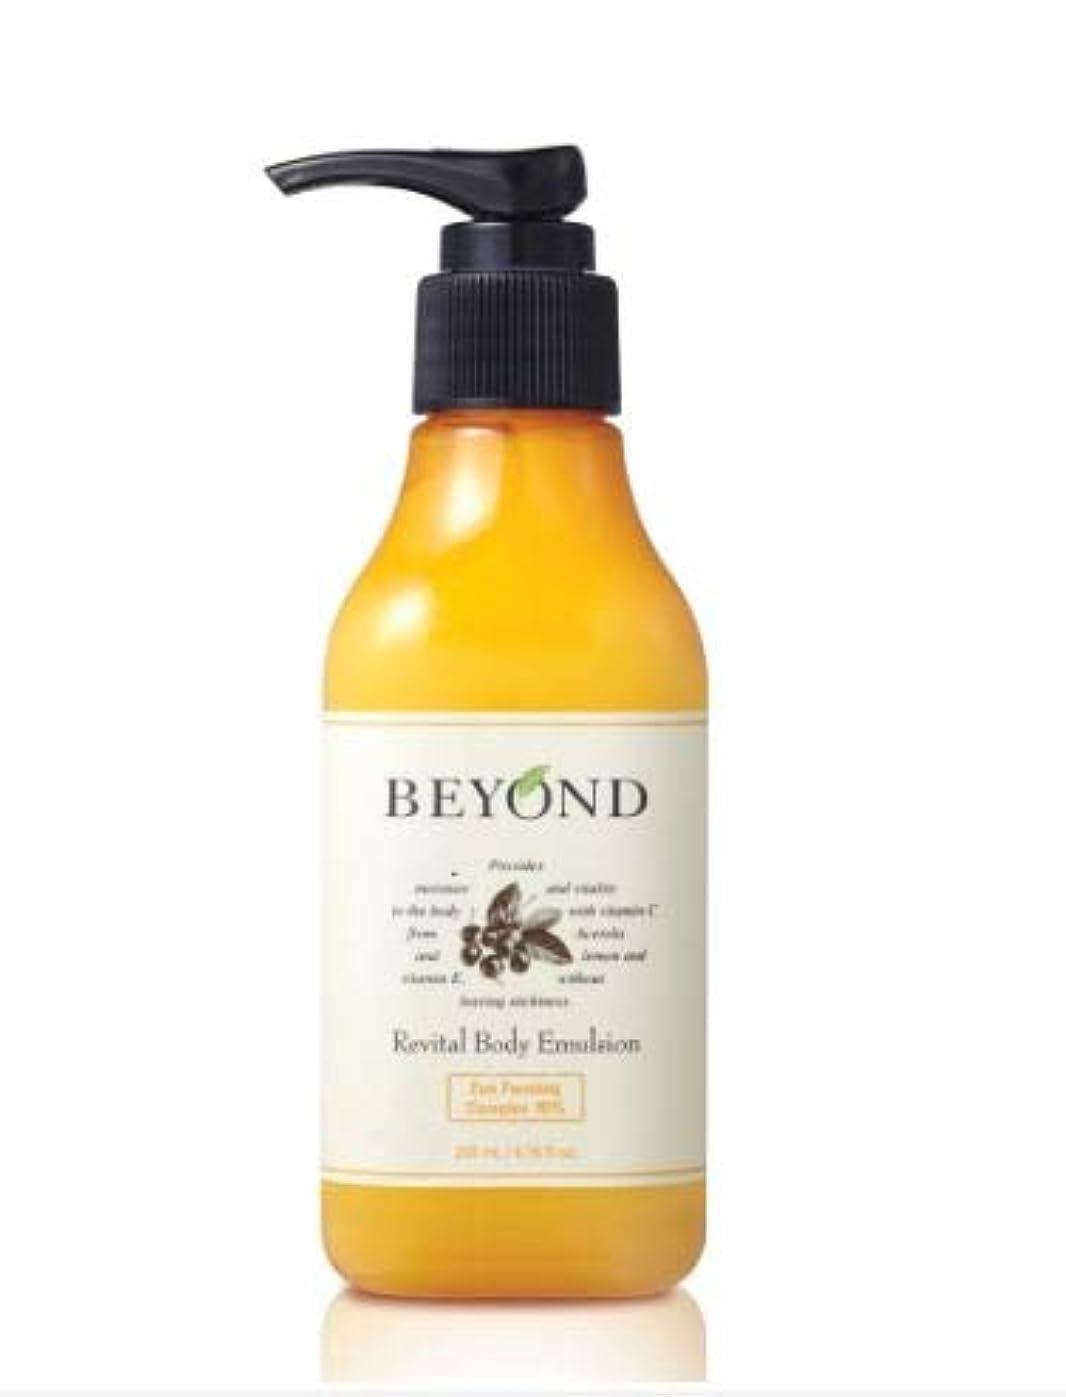 官僚交通モットー[ビヨンド] BEYOND [リバイタル ボディ エマルション 200ml] Revital Body Emulsion 200ml [海外直送品]